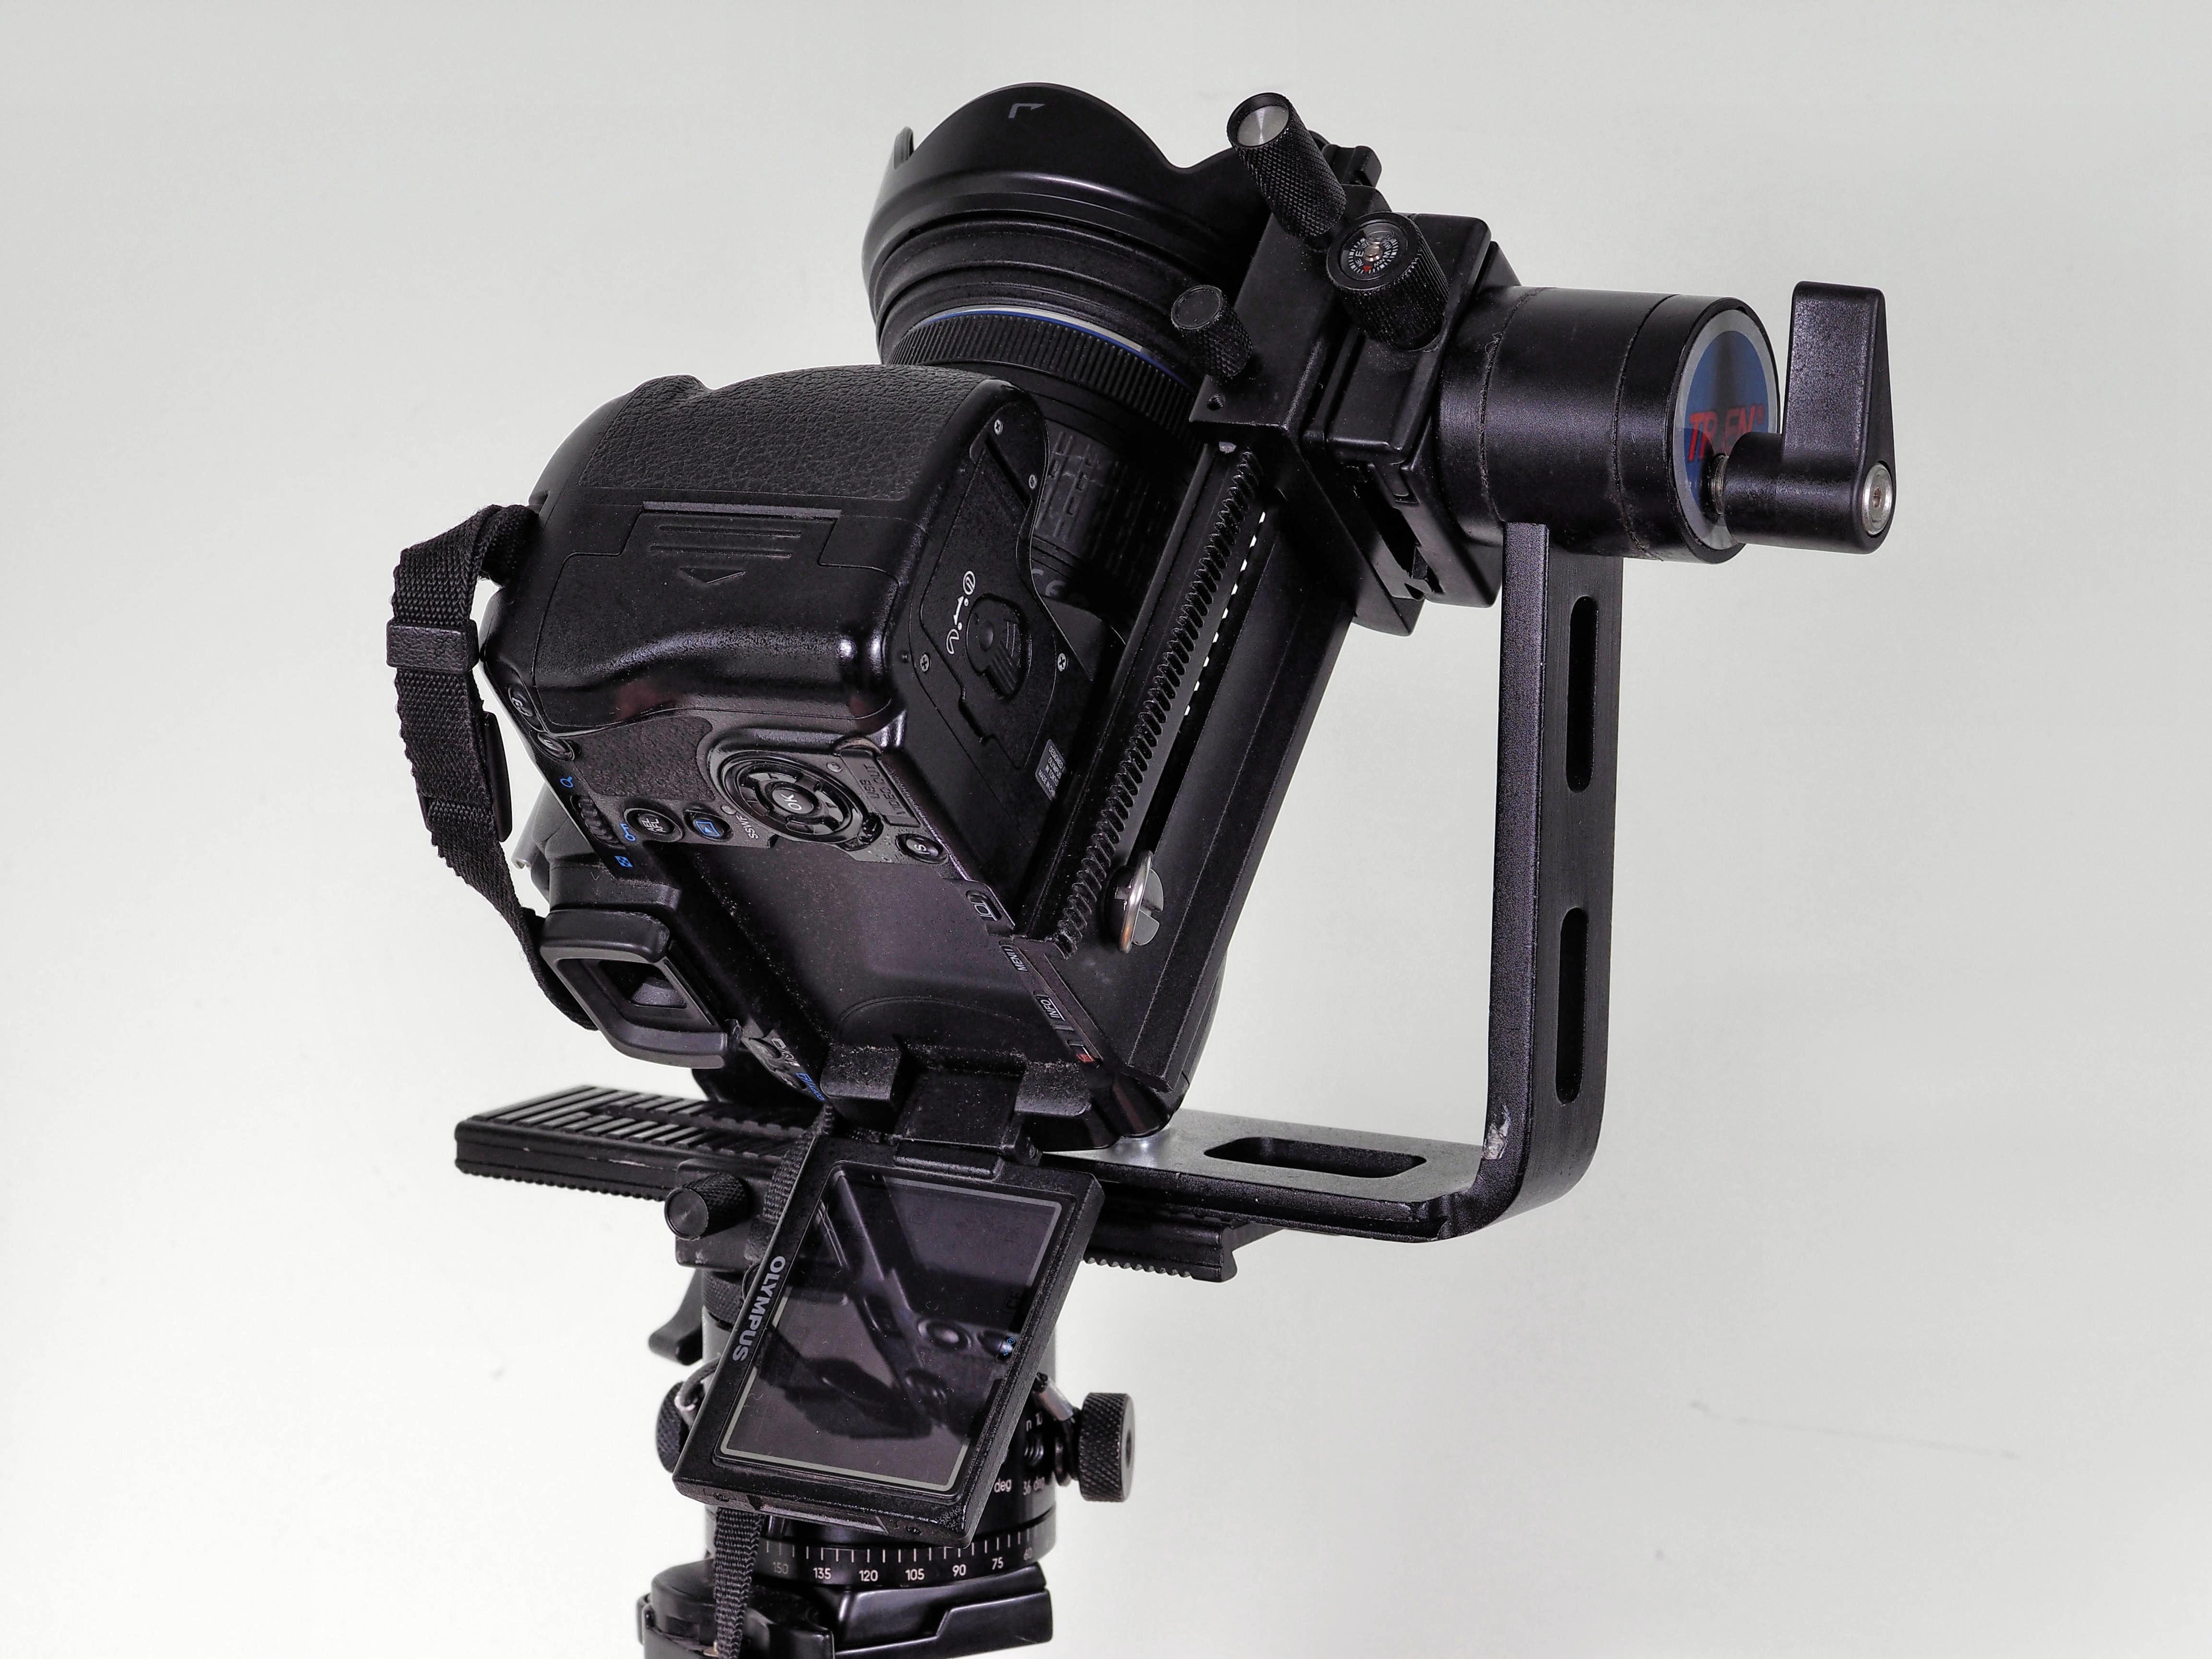 Pano-mount-10.jpeg